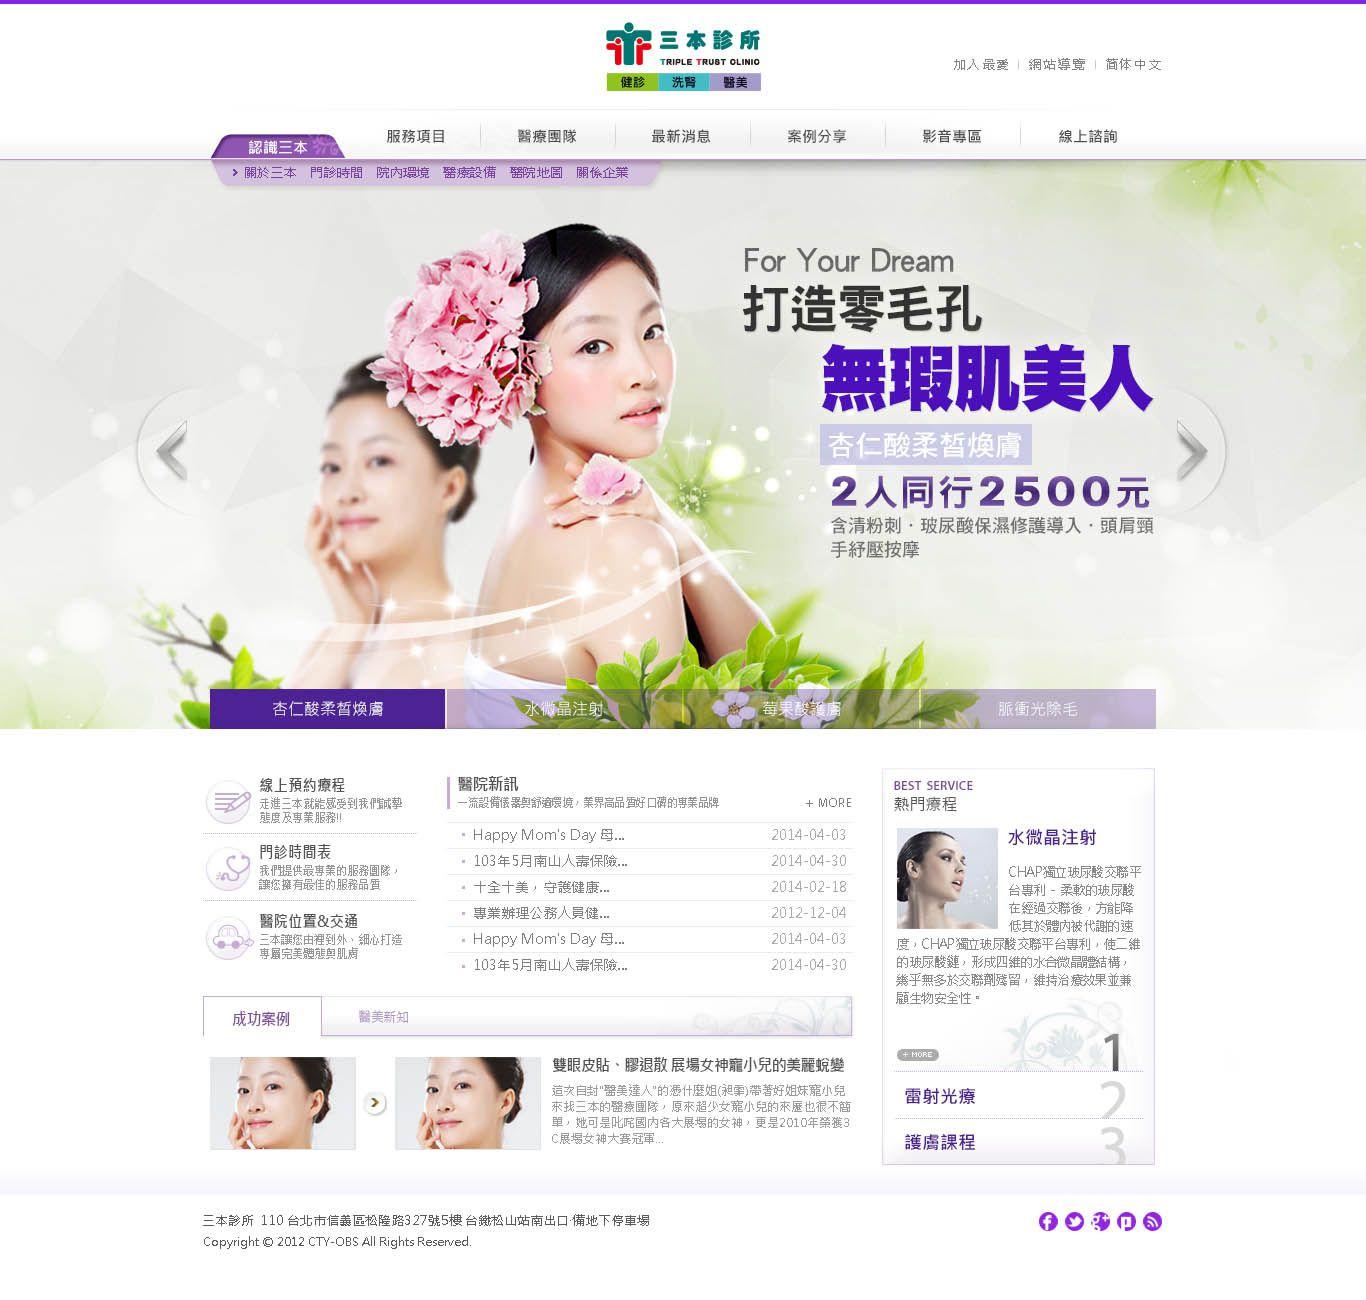 三本醫美診所網站設計